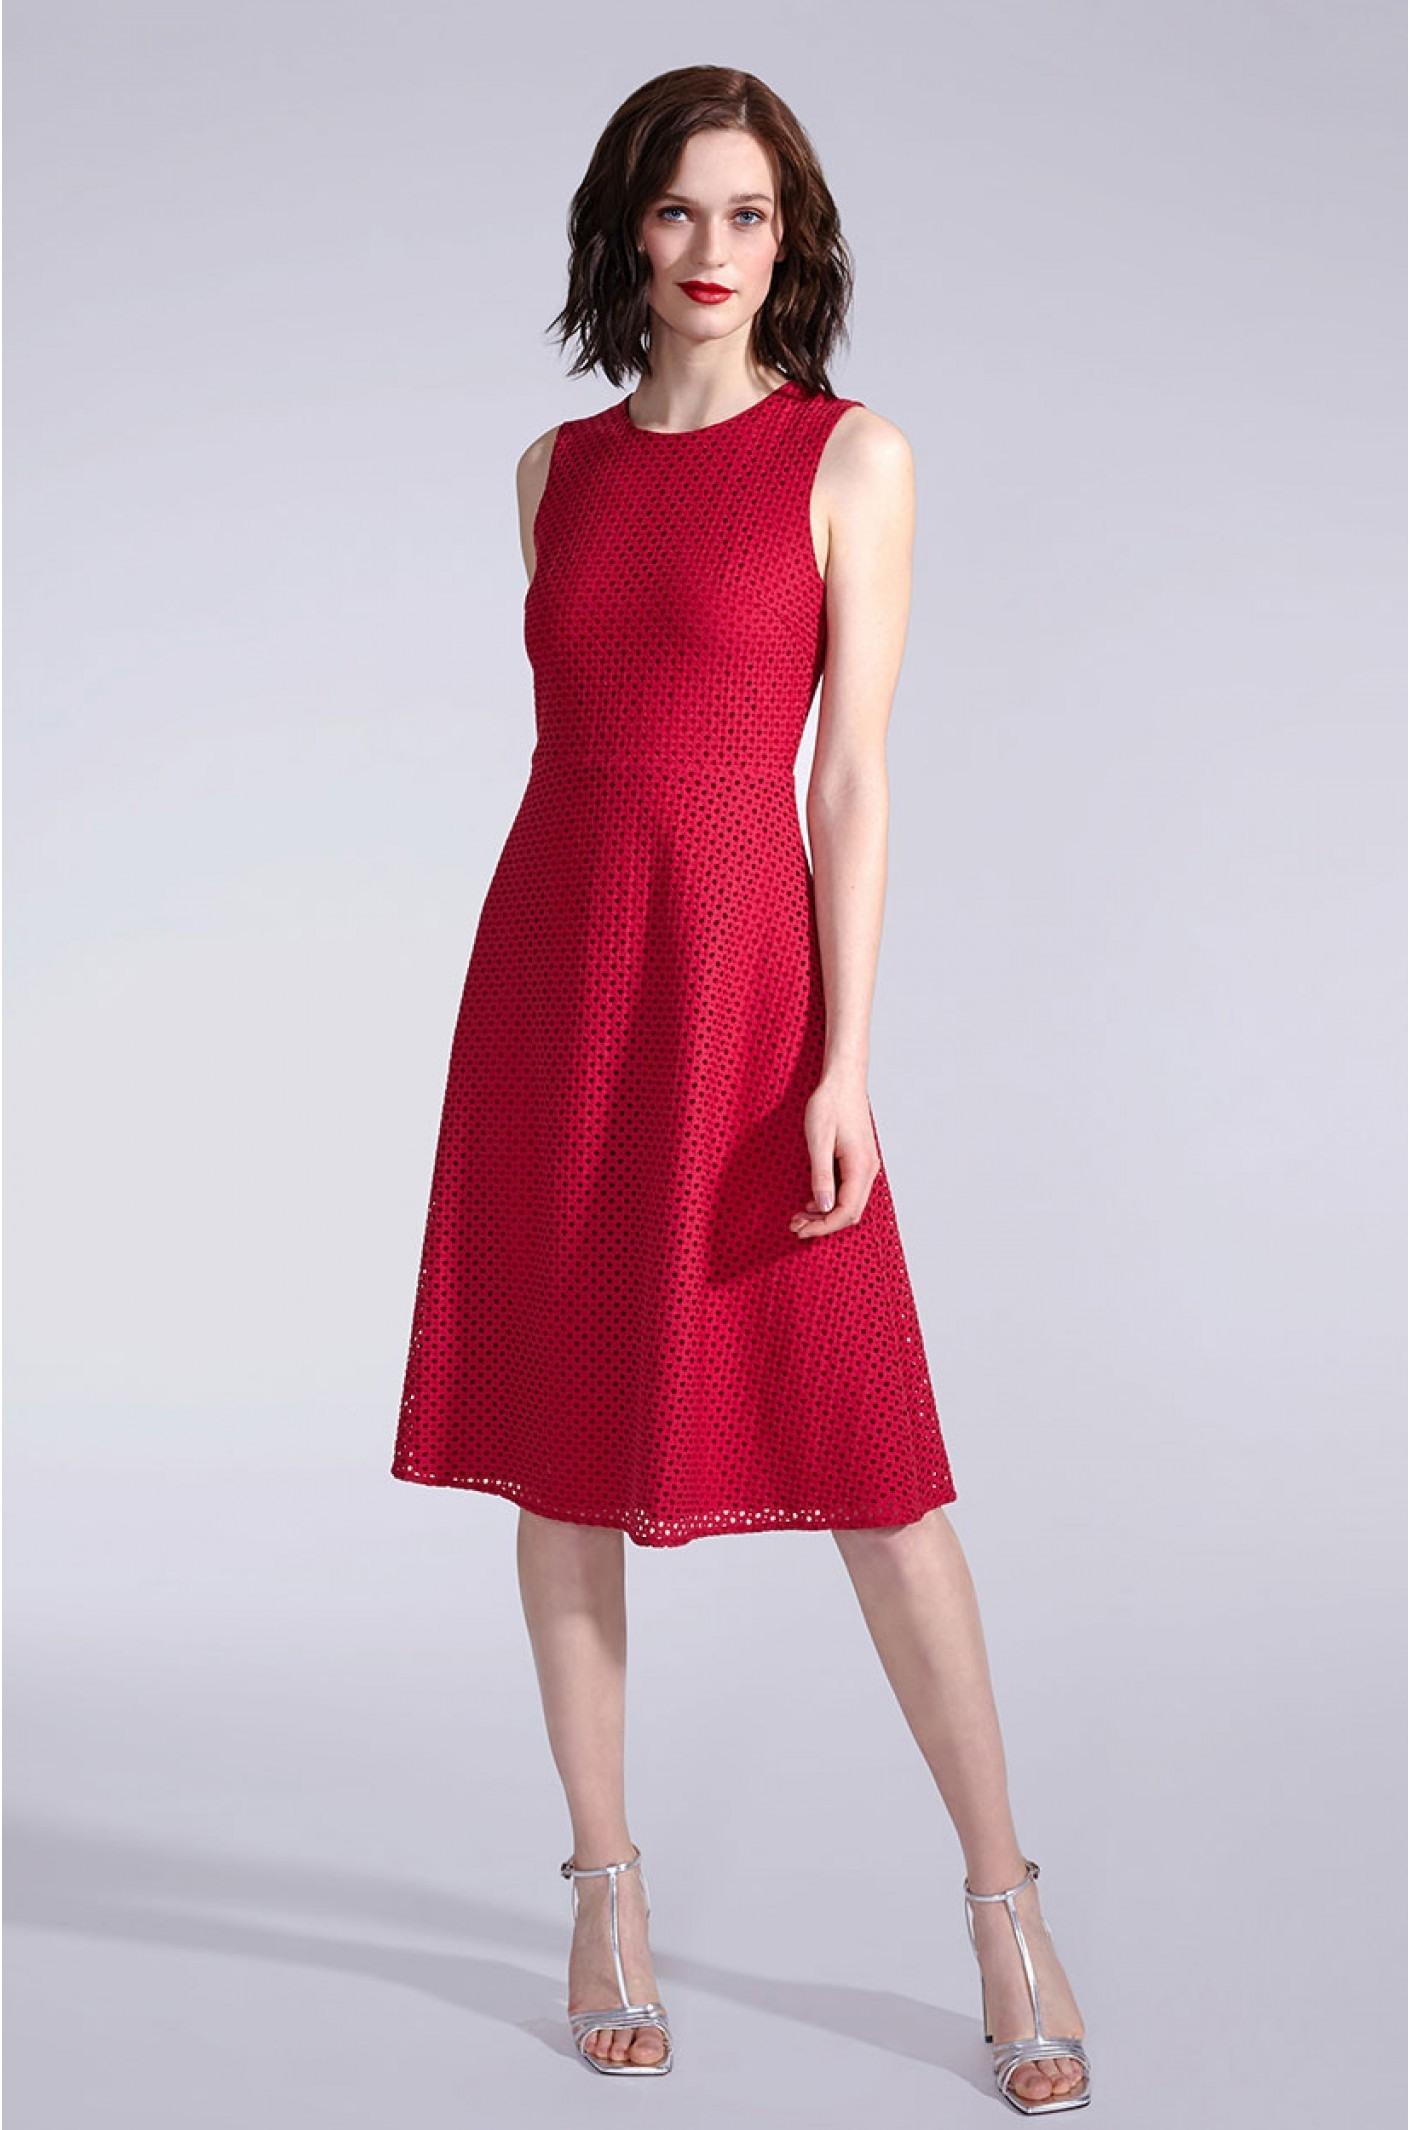 Erstaunlich Das Besondere Kleid Ärmel10 Einzigartig Das Besondere Kleid Boutique